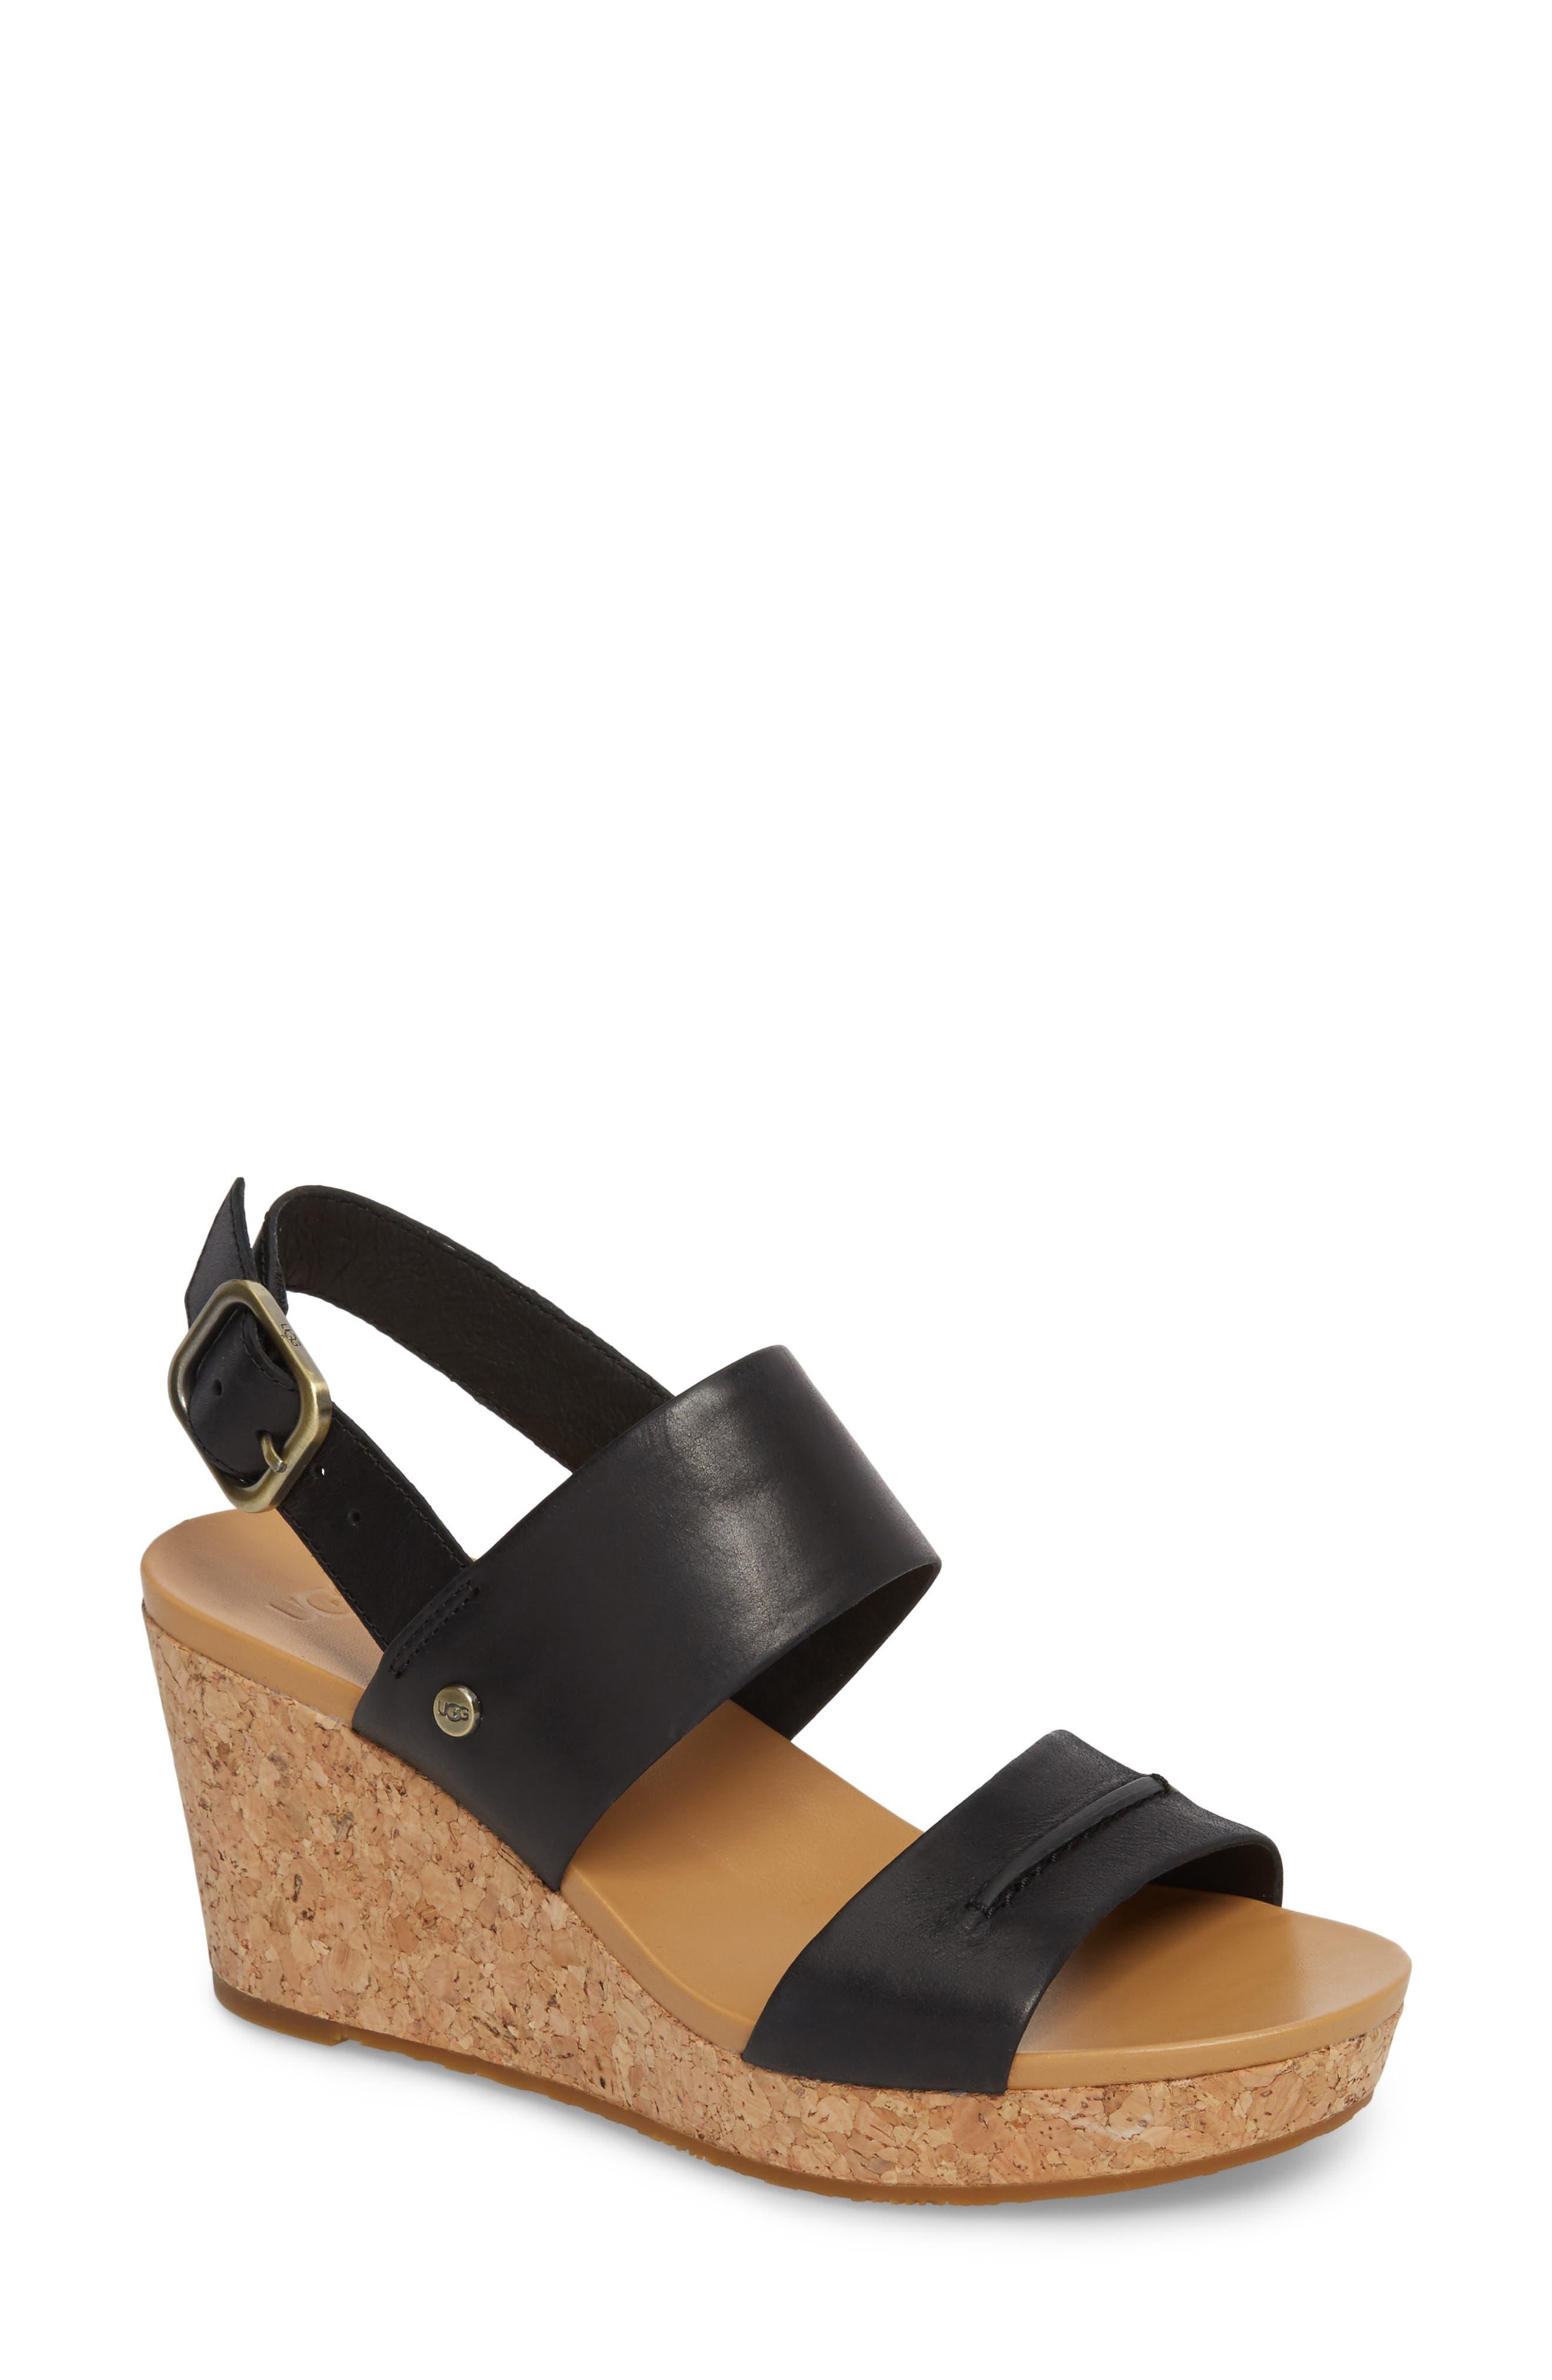 Elena II Platform Wedge Sandal,                             Main thumbnail 1, color,